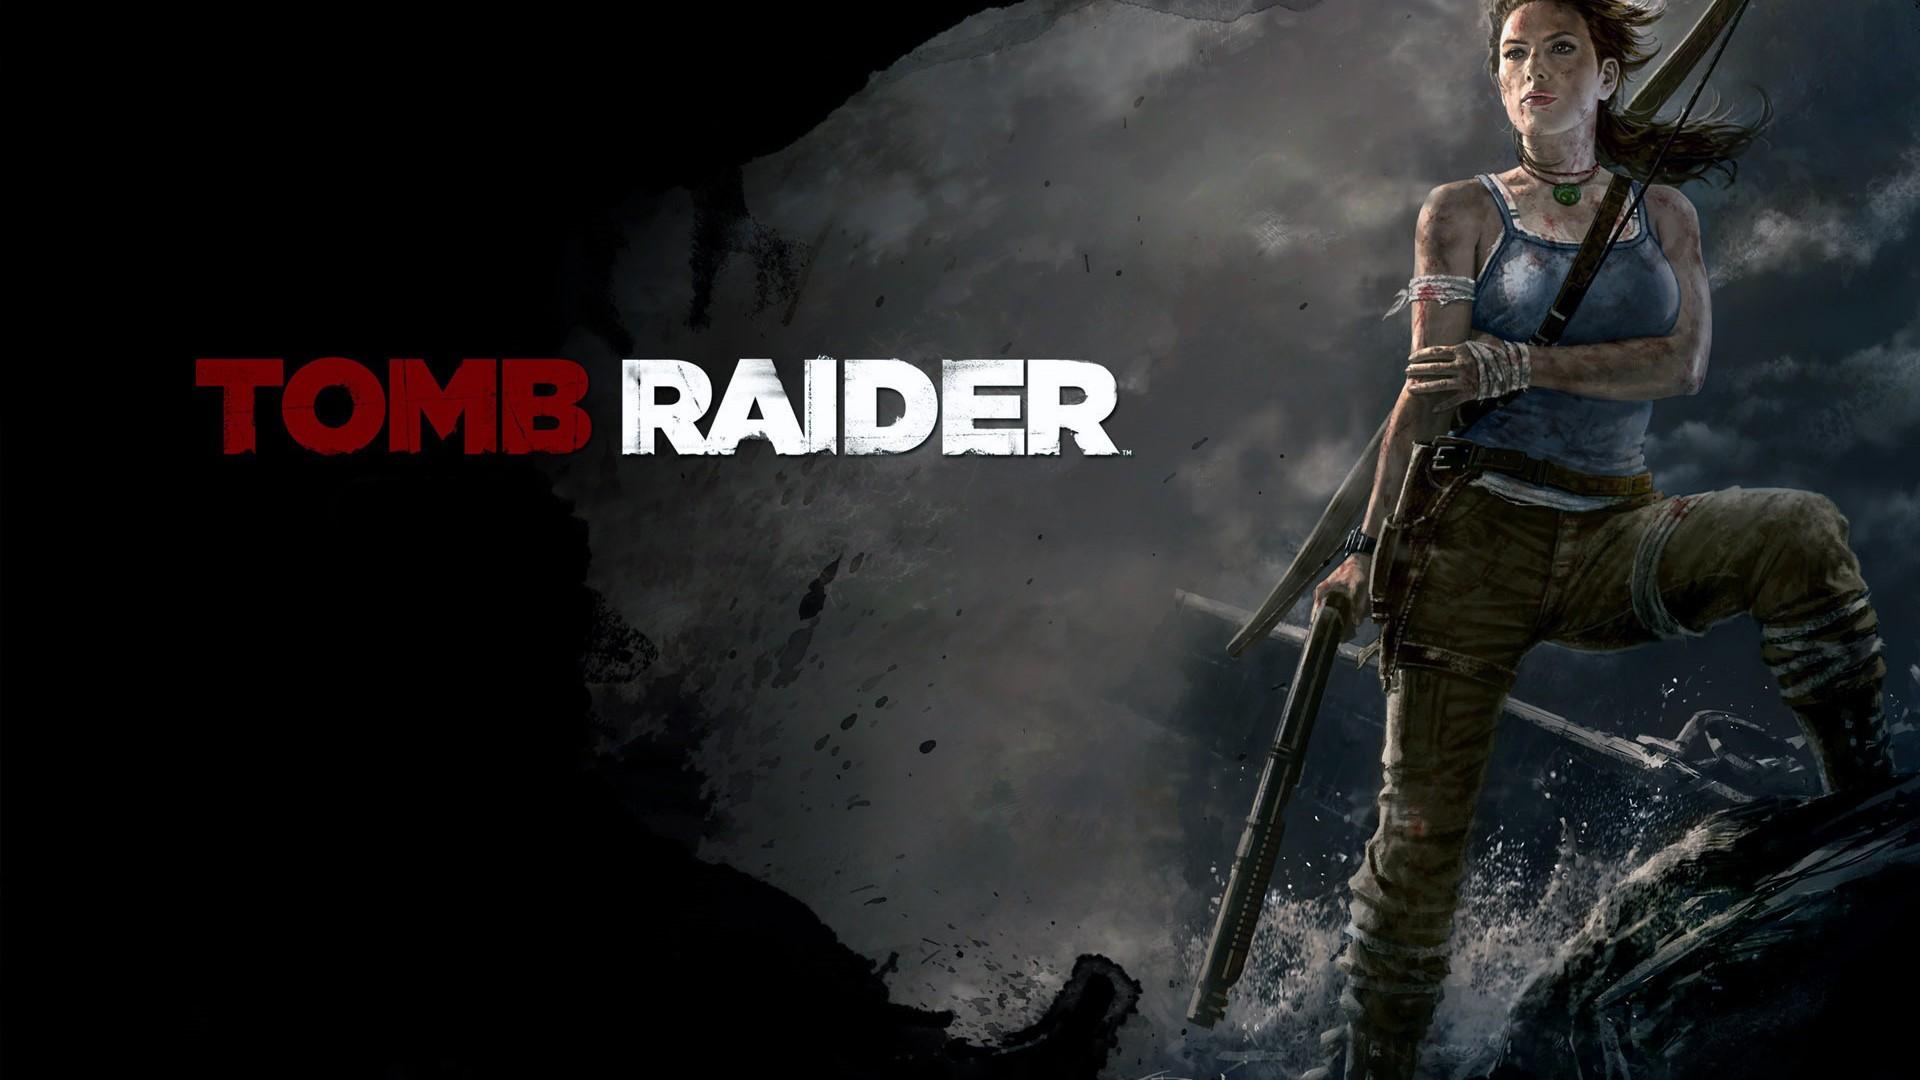 Tomb Raider wallpaper 1920x1080 79150 1920x1080